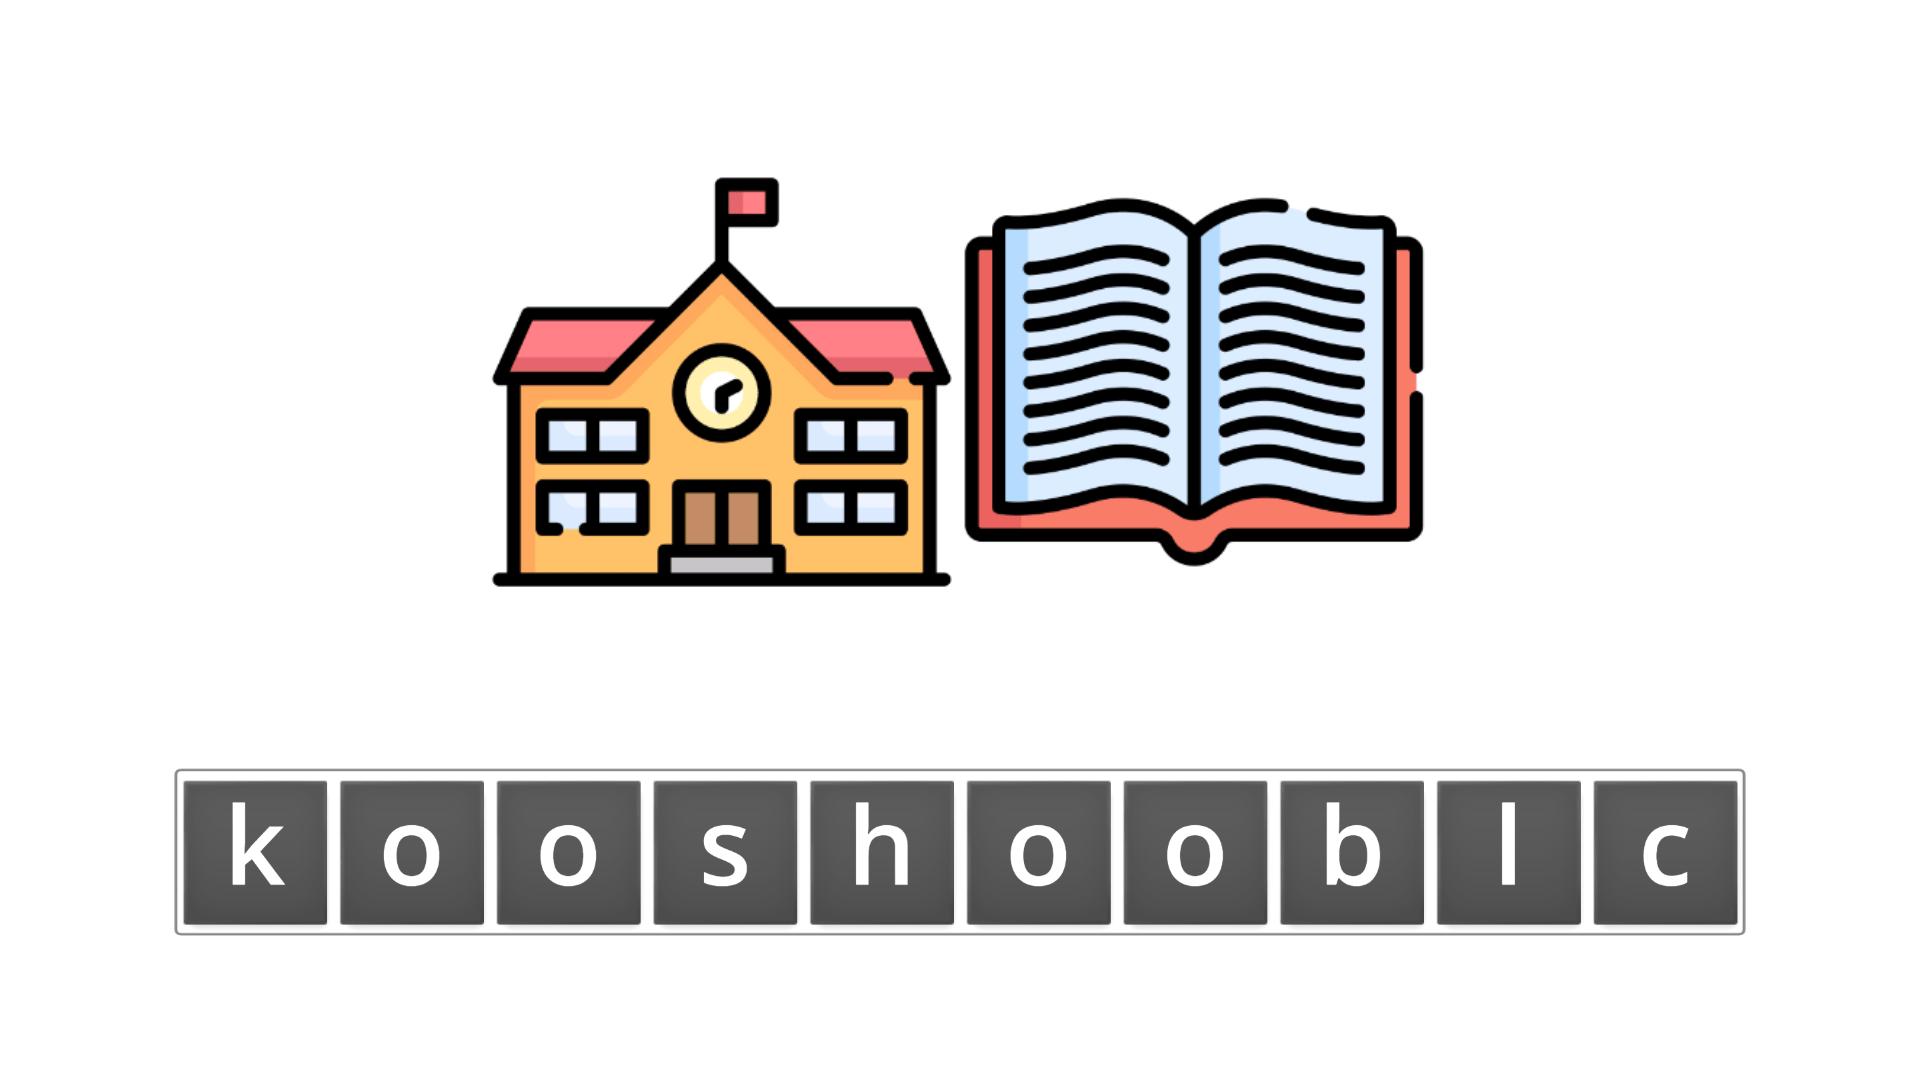 esl resources - flashcards - compound nouns  - unscramble - schoolbook